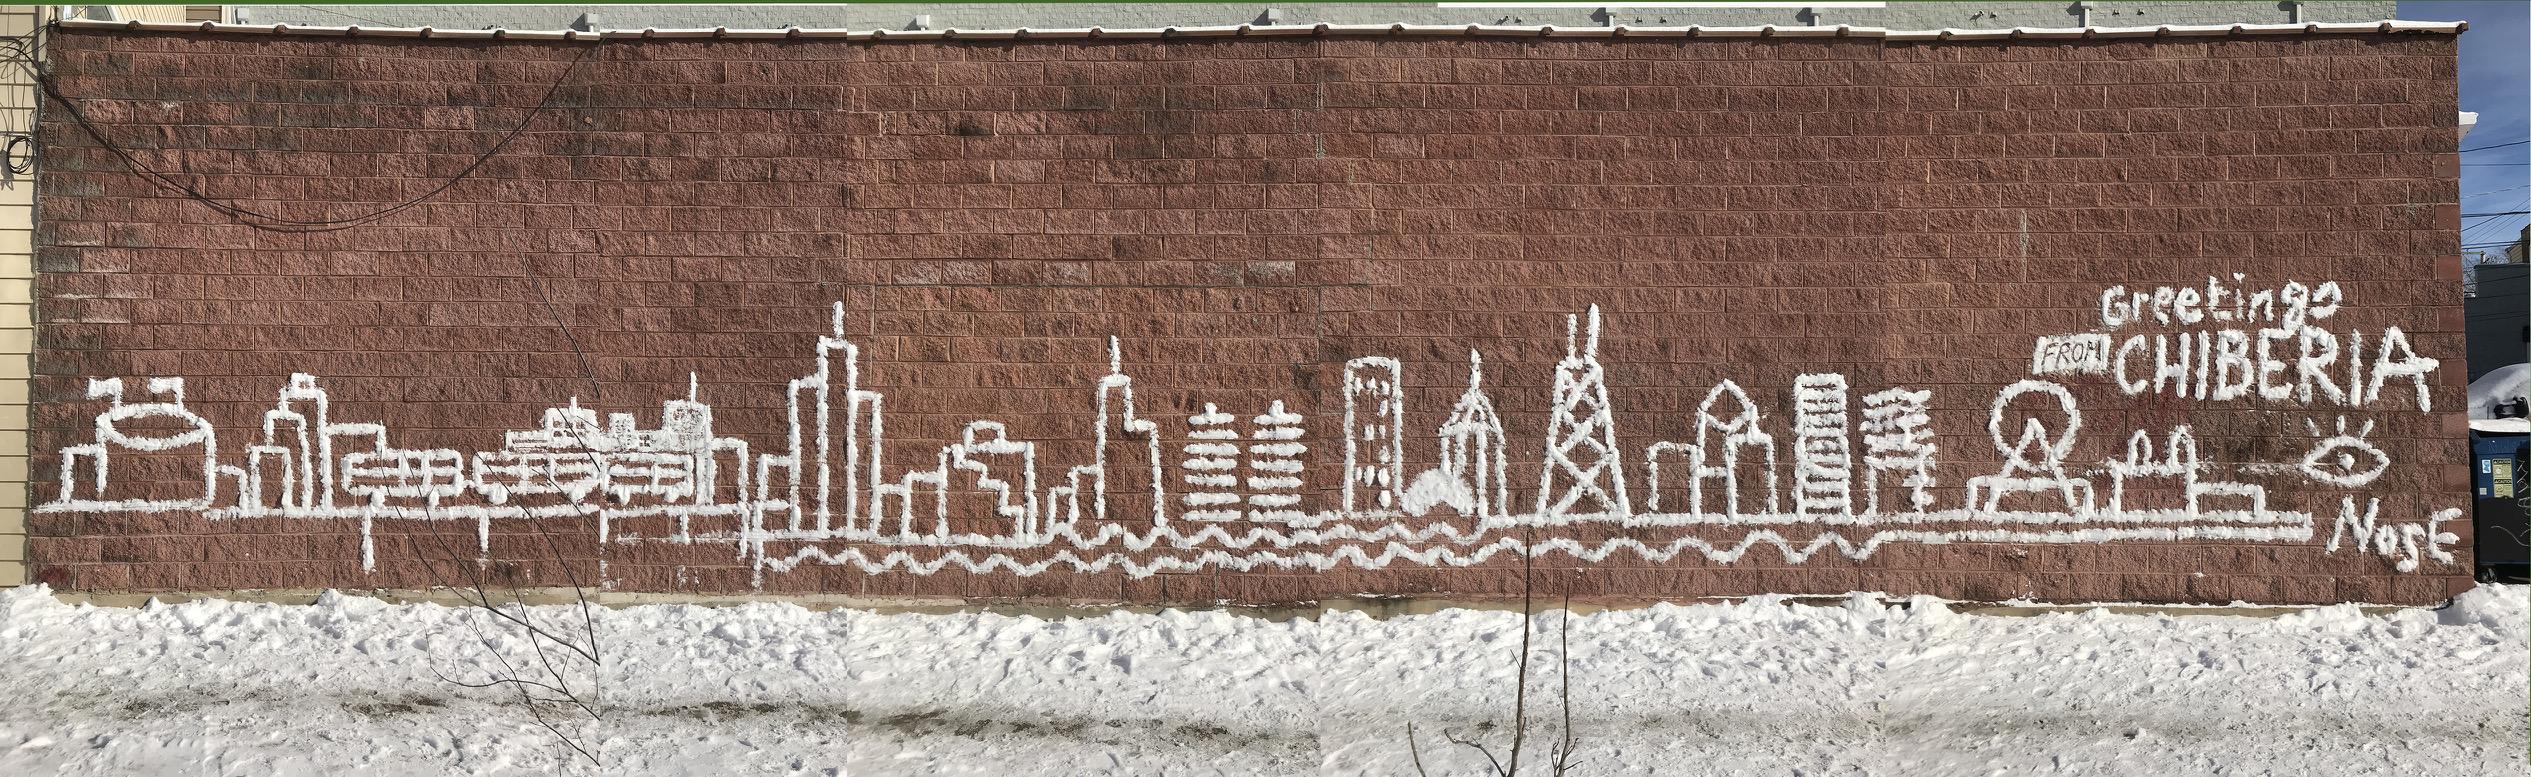 En fotos: Mira estos murales de nieve que crearon en Chicago